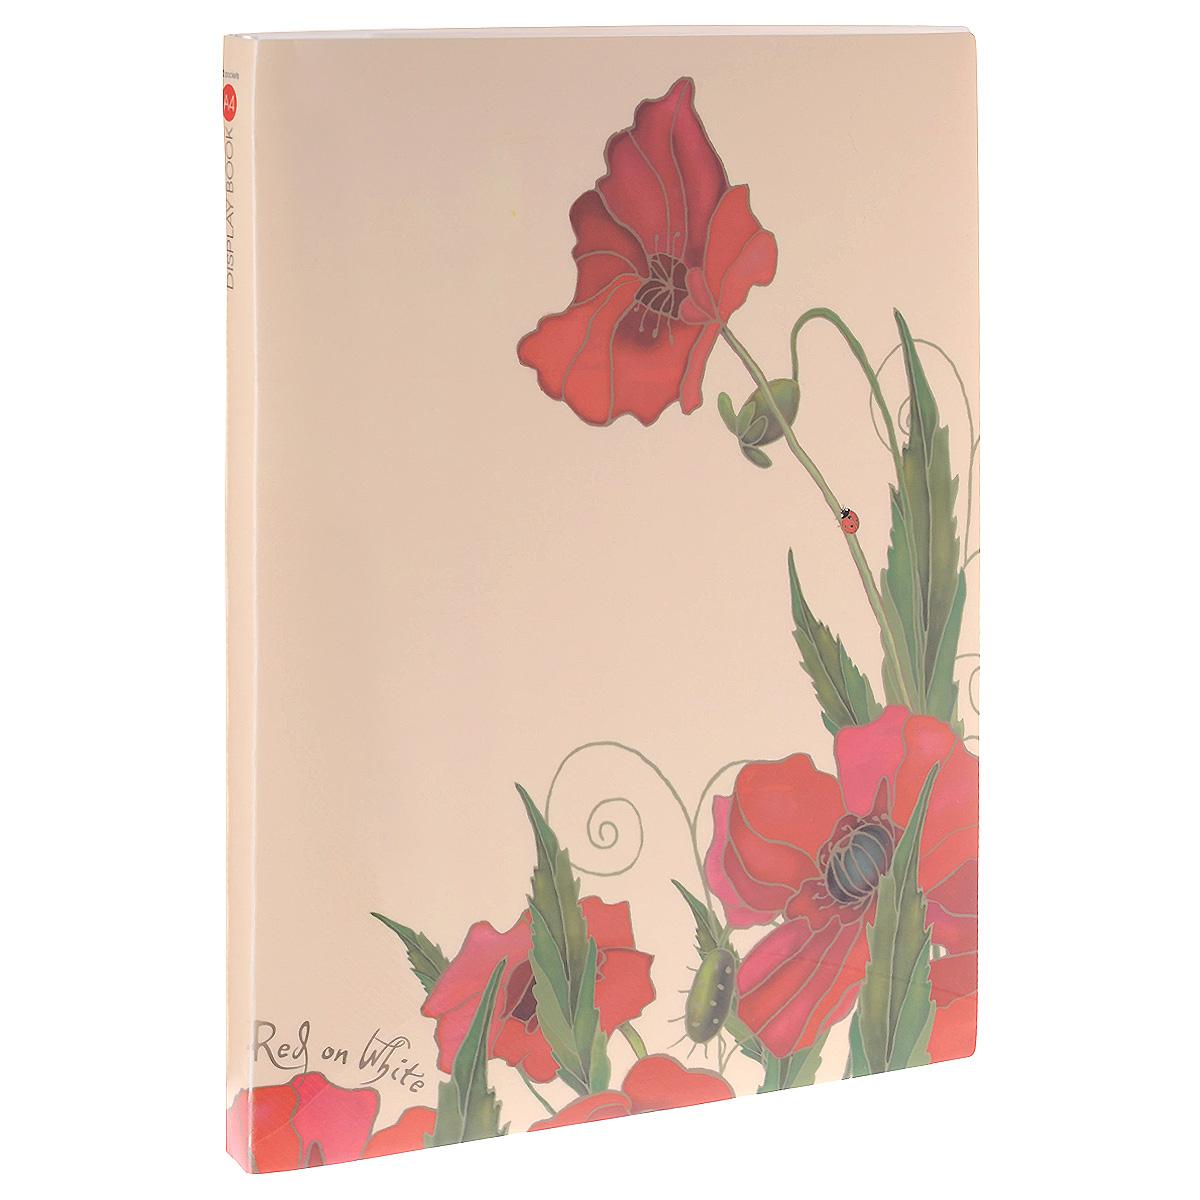 Папка Hatber Red on White, на 40 файлов, цвет: бежевый, красный. Формат А440AV4_10641Папка Hatber Red on White - это удобный и функциональный инструмент, который идеально подойдет для хранения различных бумаг и документов формата А4. Обложка папки оформлена красочным изображением красных цветов на светлом фоне. Папка изготовлена из высококачественного пластика и включает в себя 40 прозрачных файлов формата А4. Папка практична в использовании и надежно сохранит ваши документы и сбережет их от повреждений, пыли и влаги.